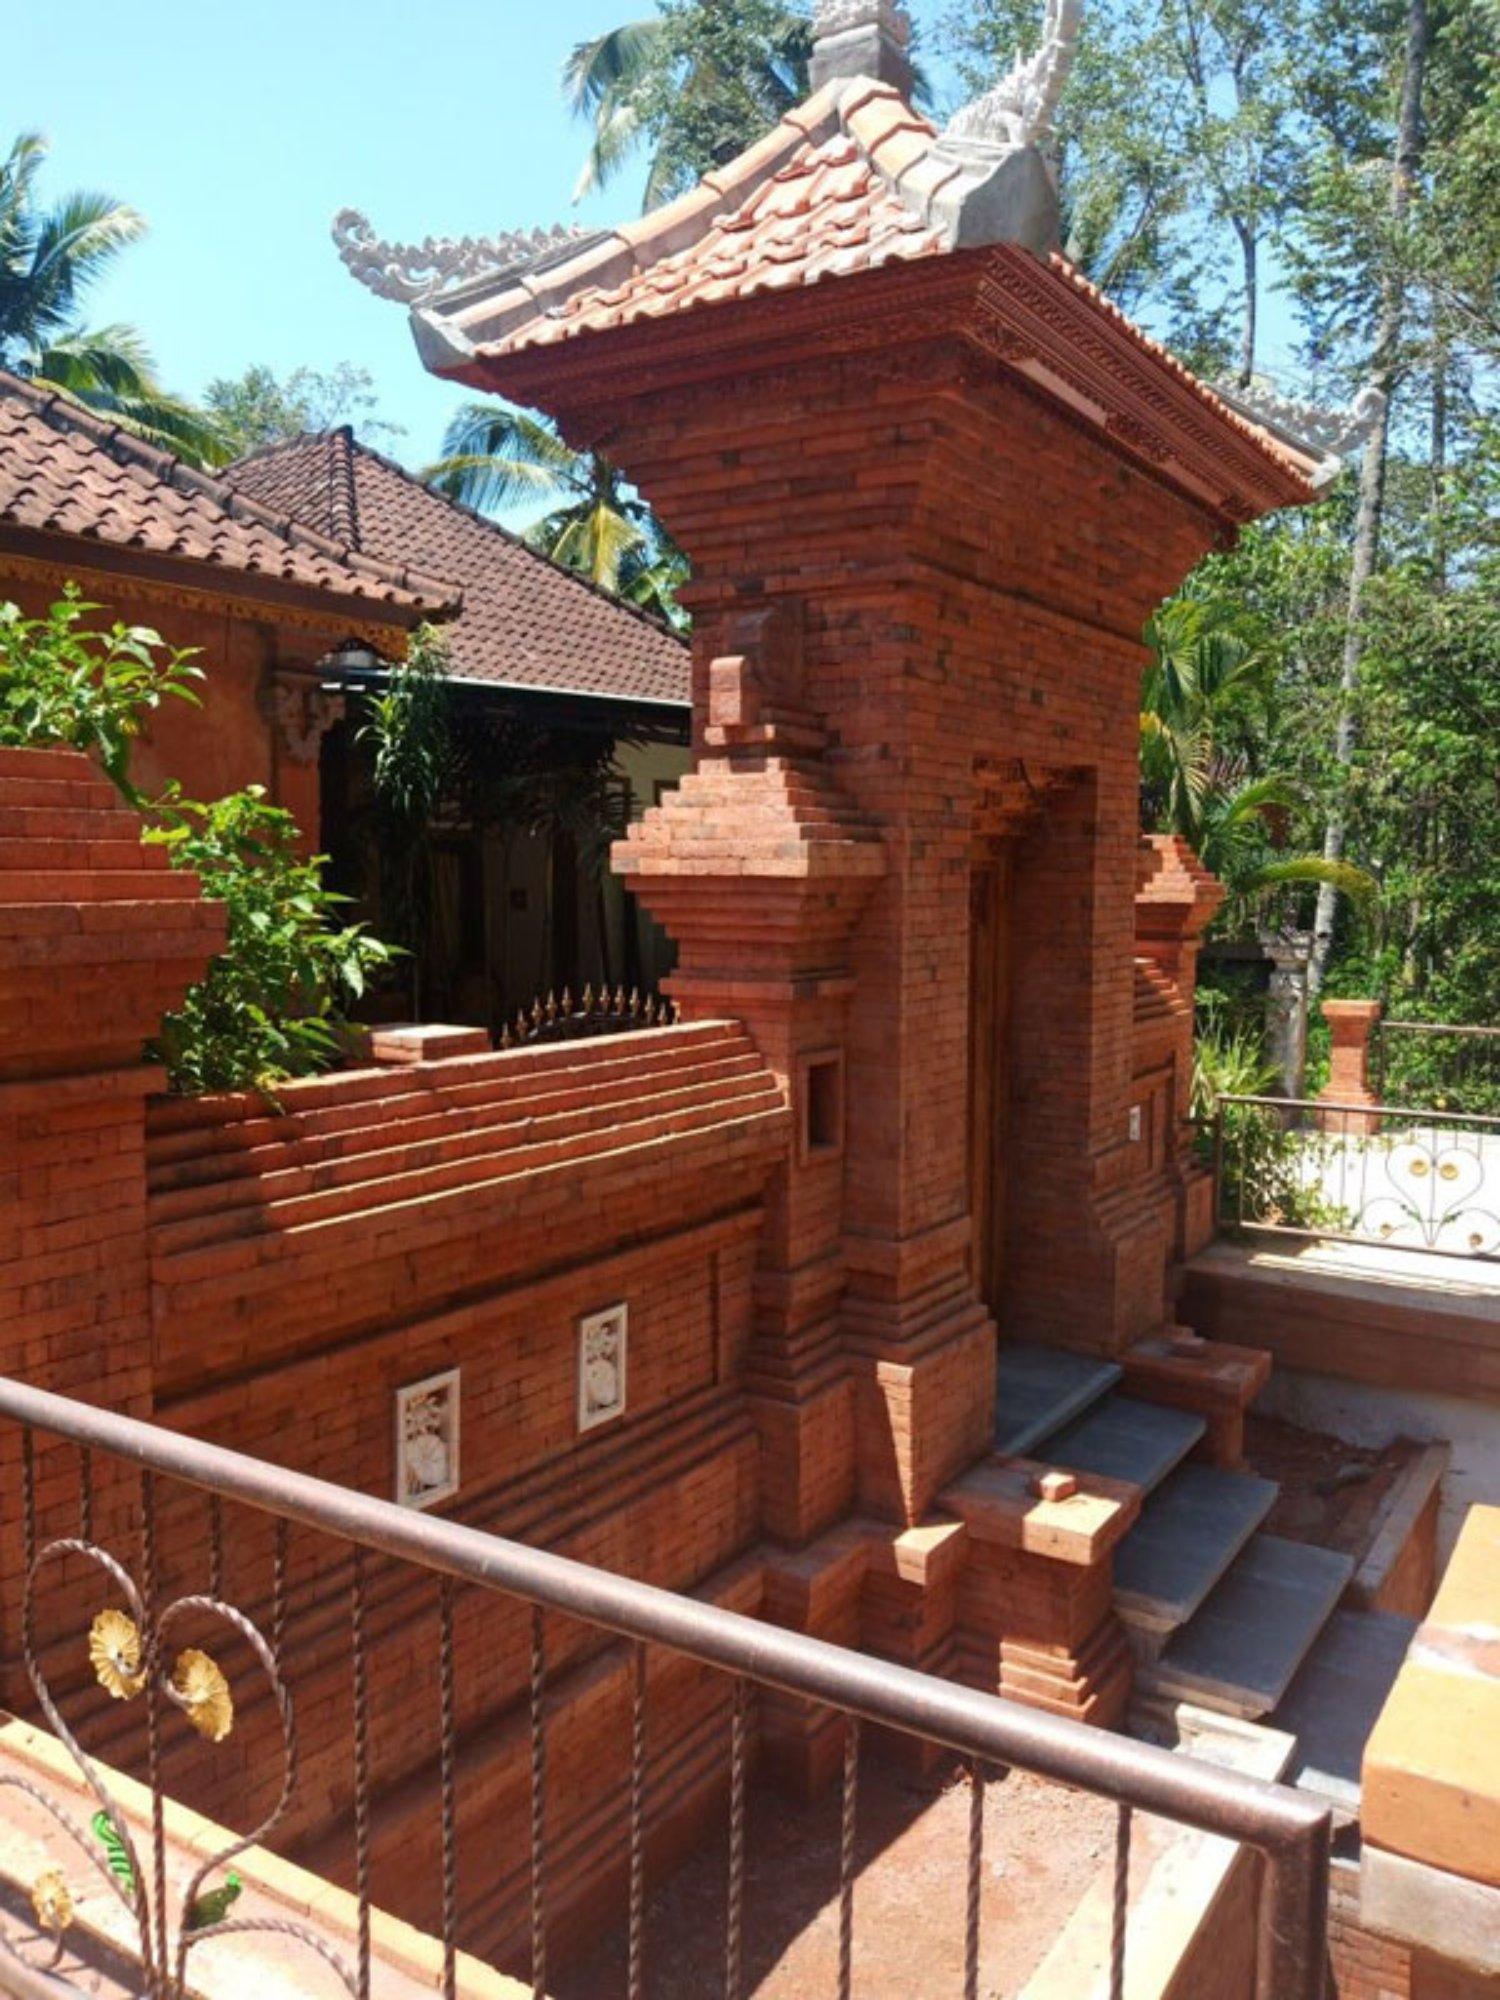 Ide Desain Pagar Rumah Batu Bata Arsitektur Bali